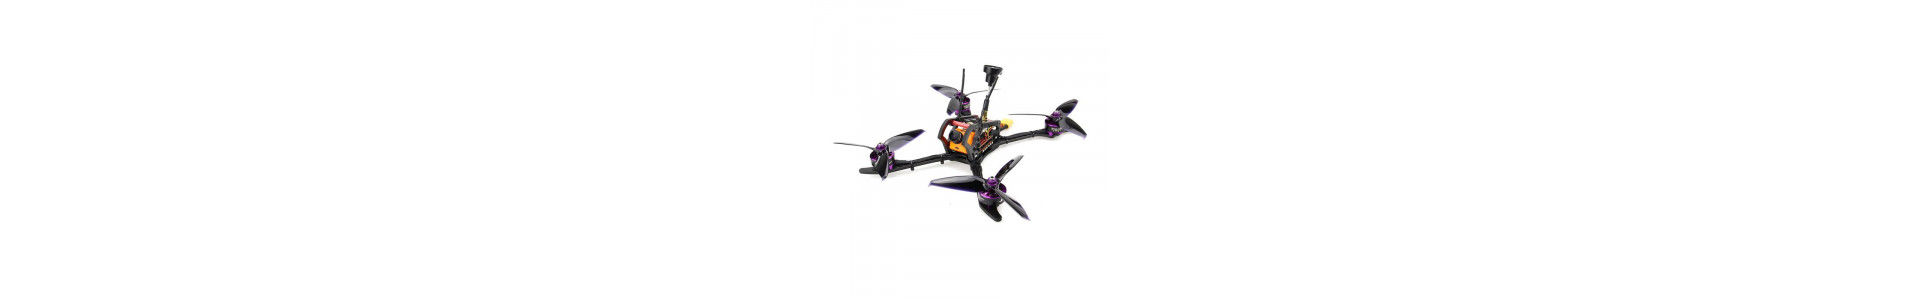 DRONI FPV RACER E ACCESSORI